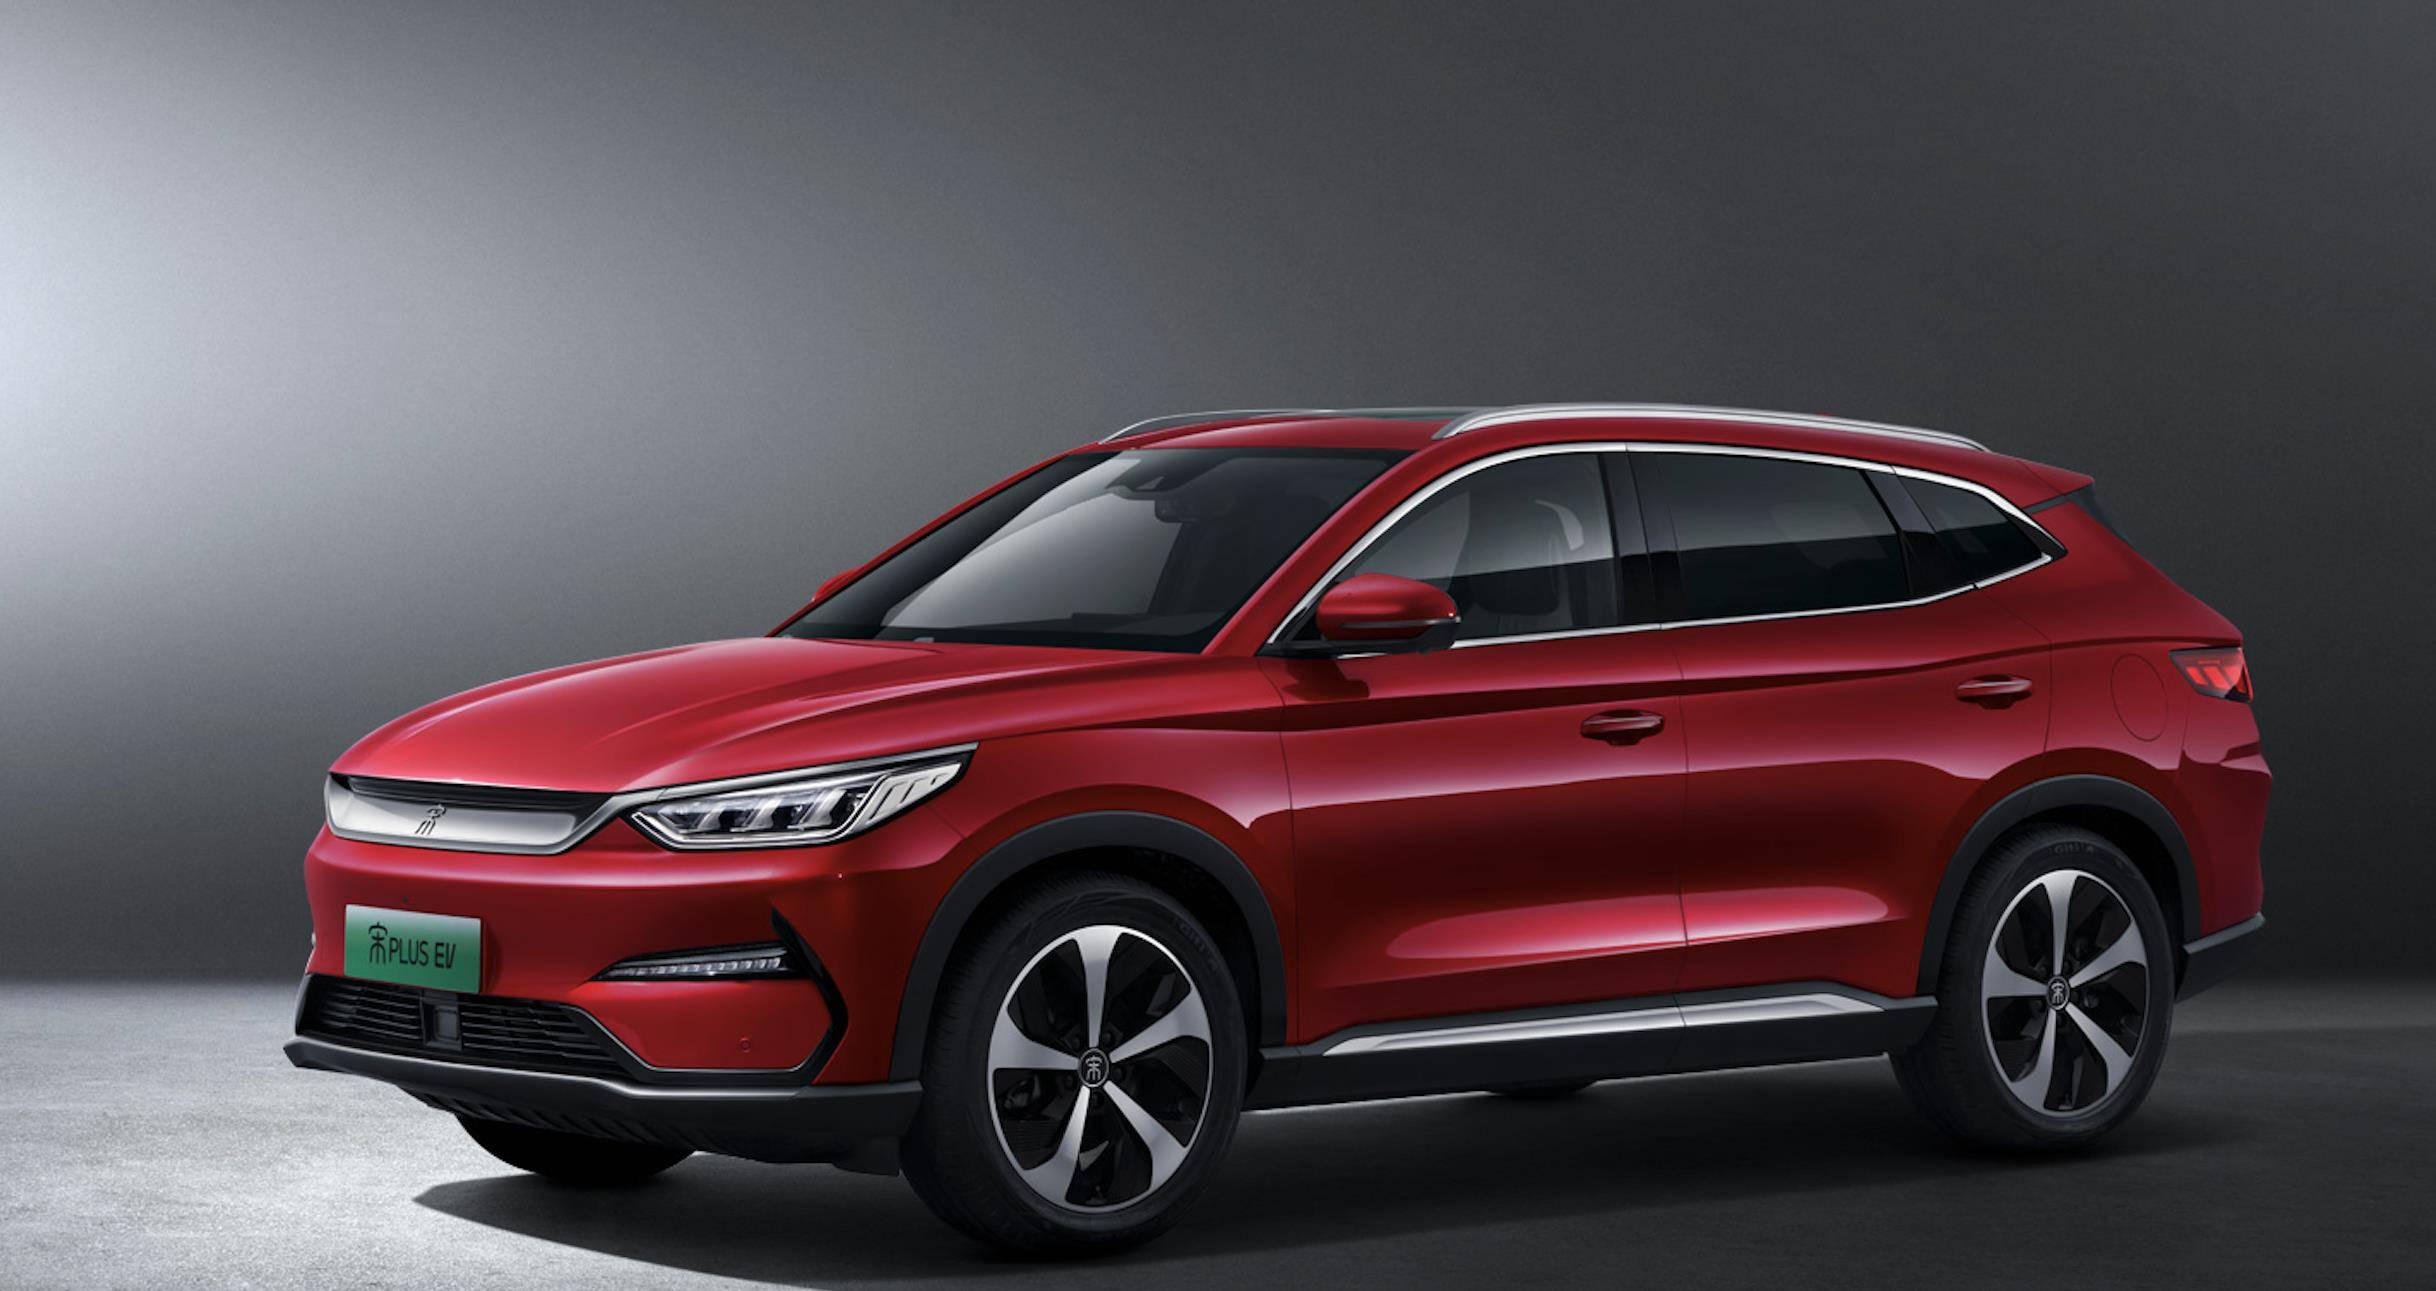 新车销售排行_原创8月汽车厂商销量十强榜出炉,仅比亚迪和五菱增长,长城跌出榜单